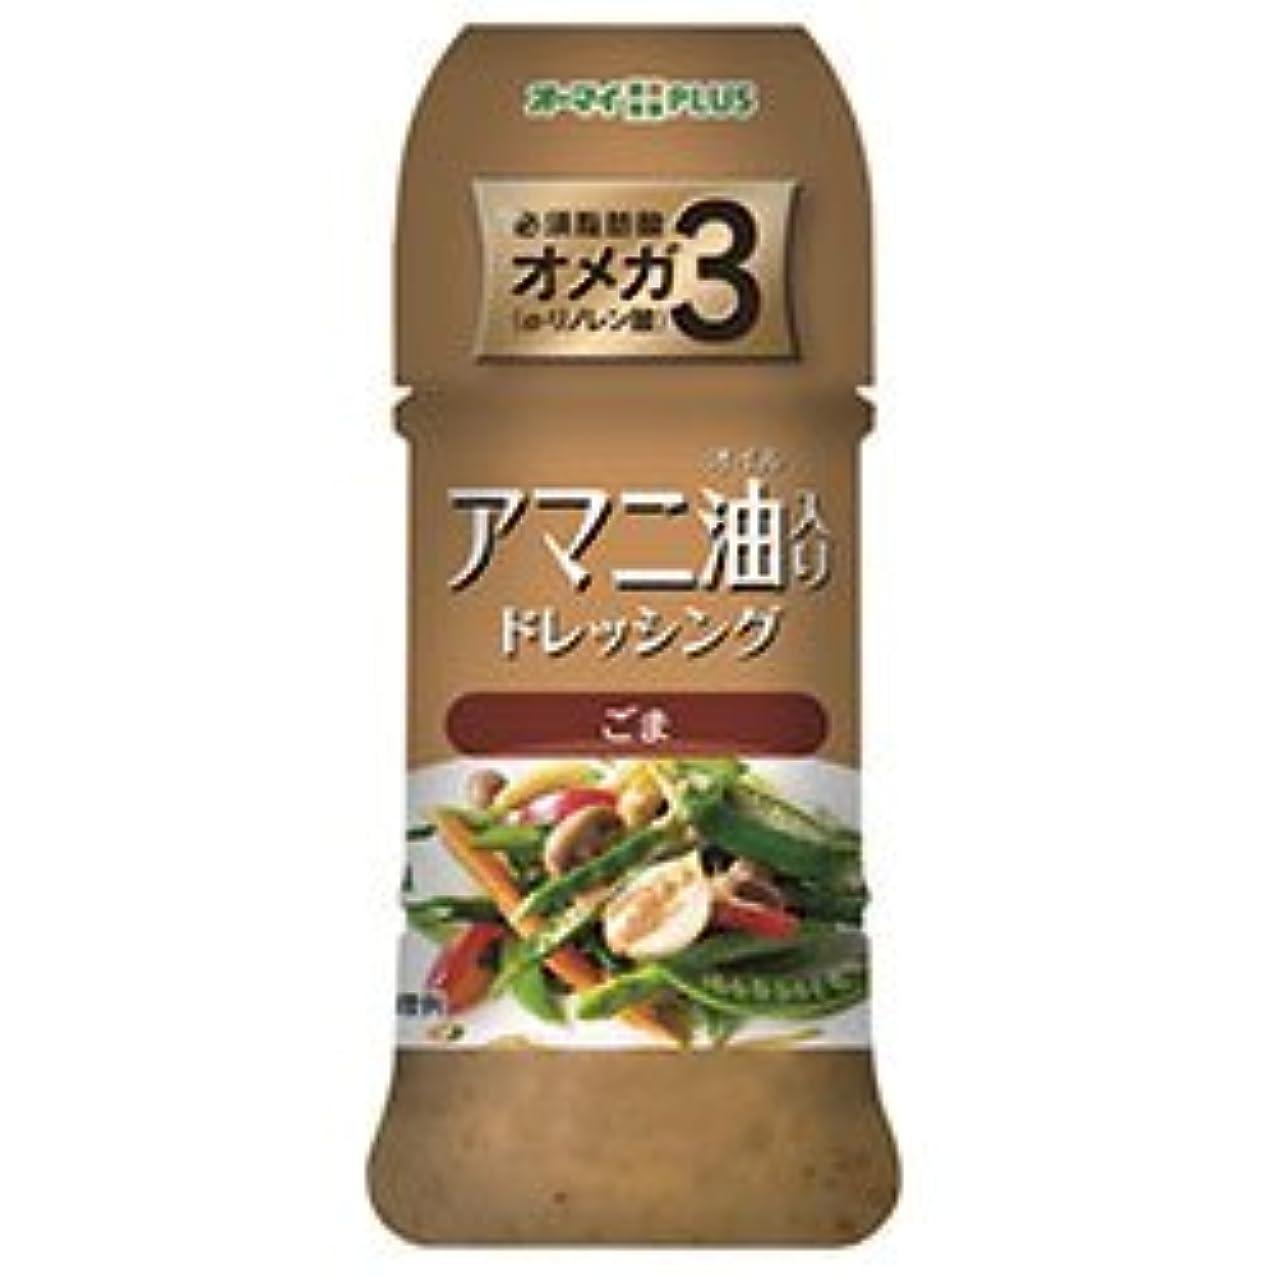 記録いわゆる思い出す日本製粉 オーマイプラス アマニ油入りドレッシング ごま 150ml×12本入×(2ケース)